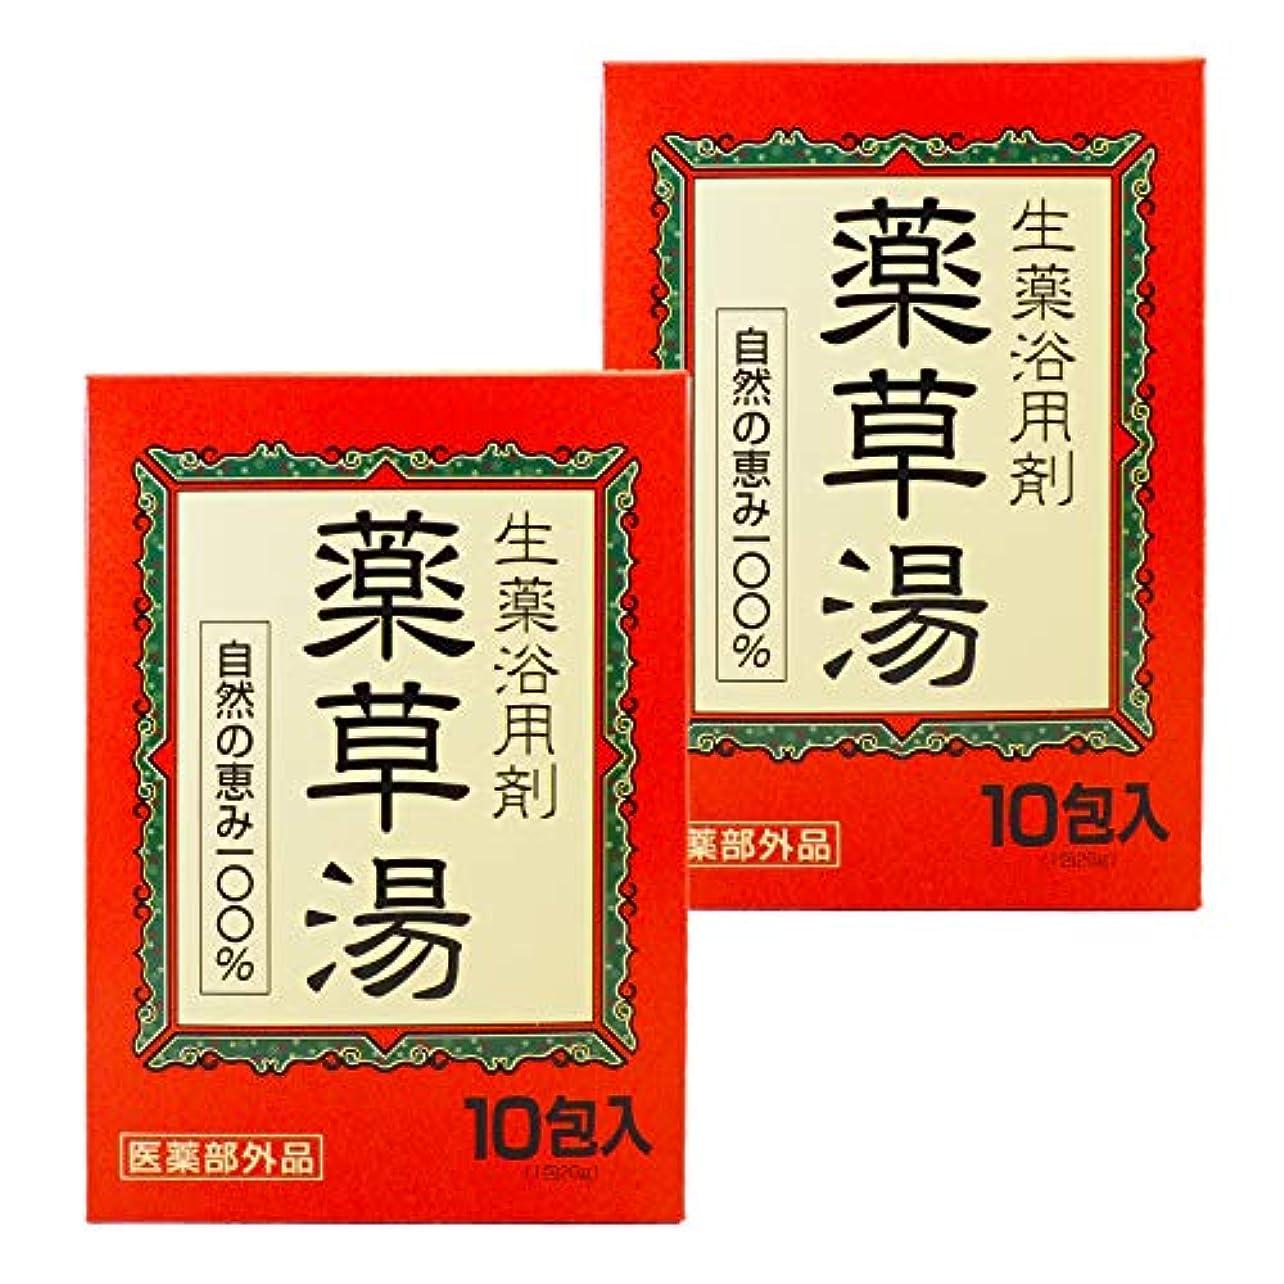 著名な行政不機嫌【まとめ買い】 薬草湯 生薬浴用剤 10包入×2個 自然のめぐみ100% 医薬部外品